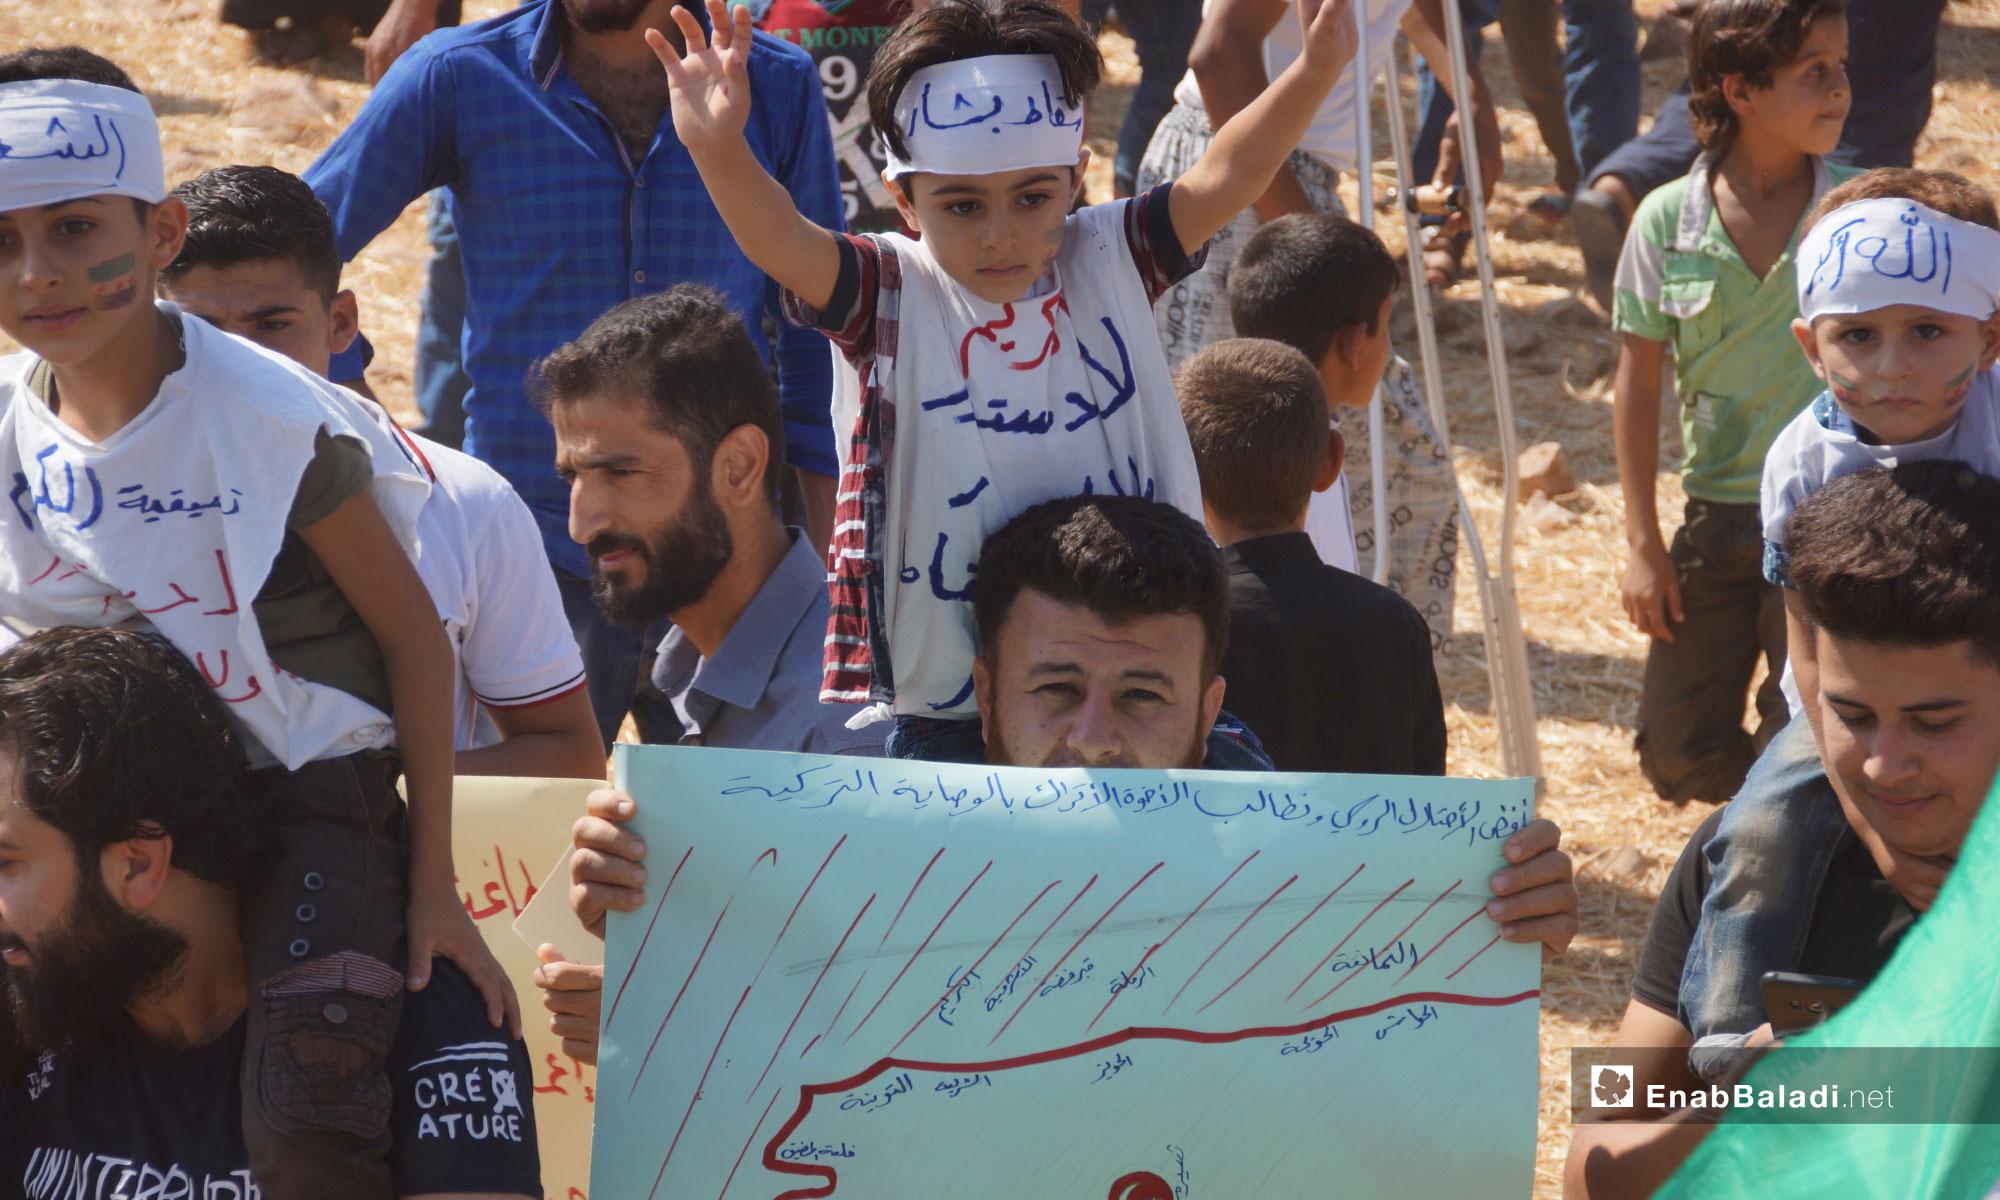 مظاهرات تطالب بتجديد الثورة والإفراج عن المعتقلين في ريف حماة - 21 من أيلول 2018 (عنب بلدي)